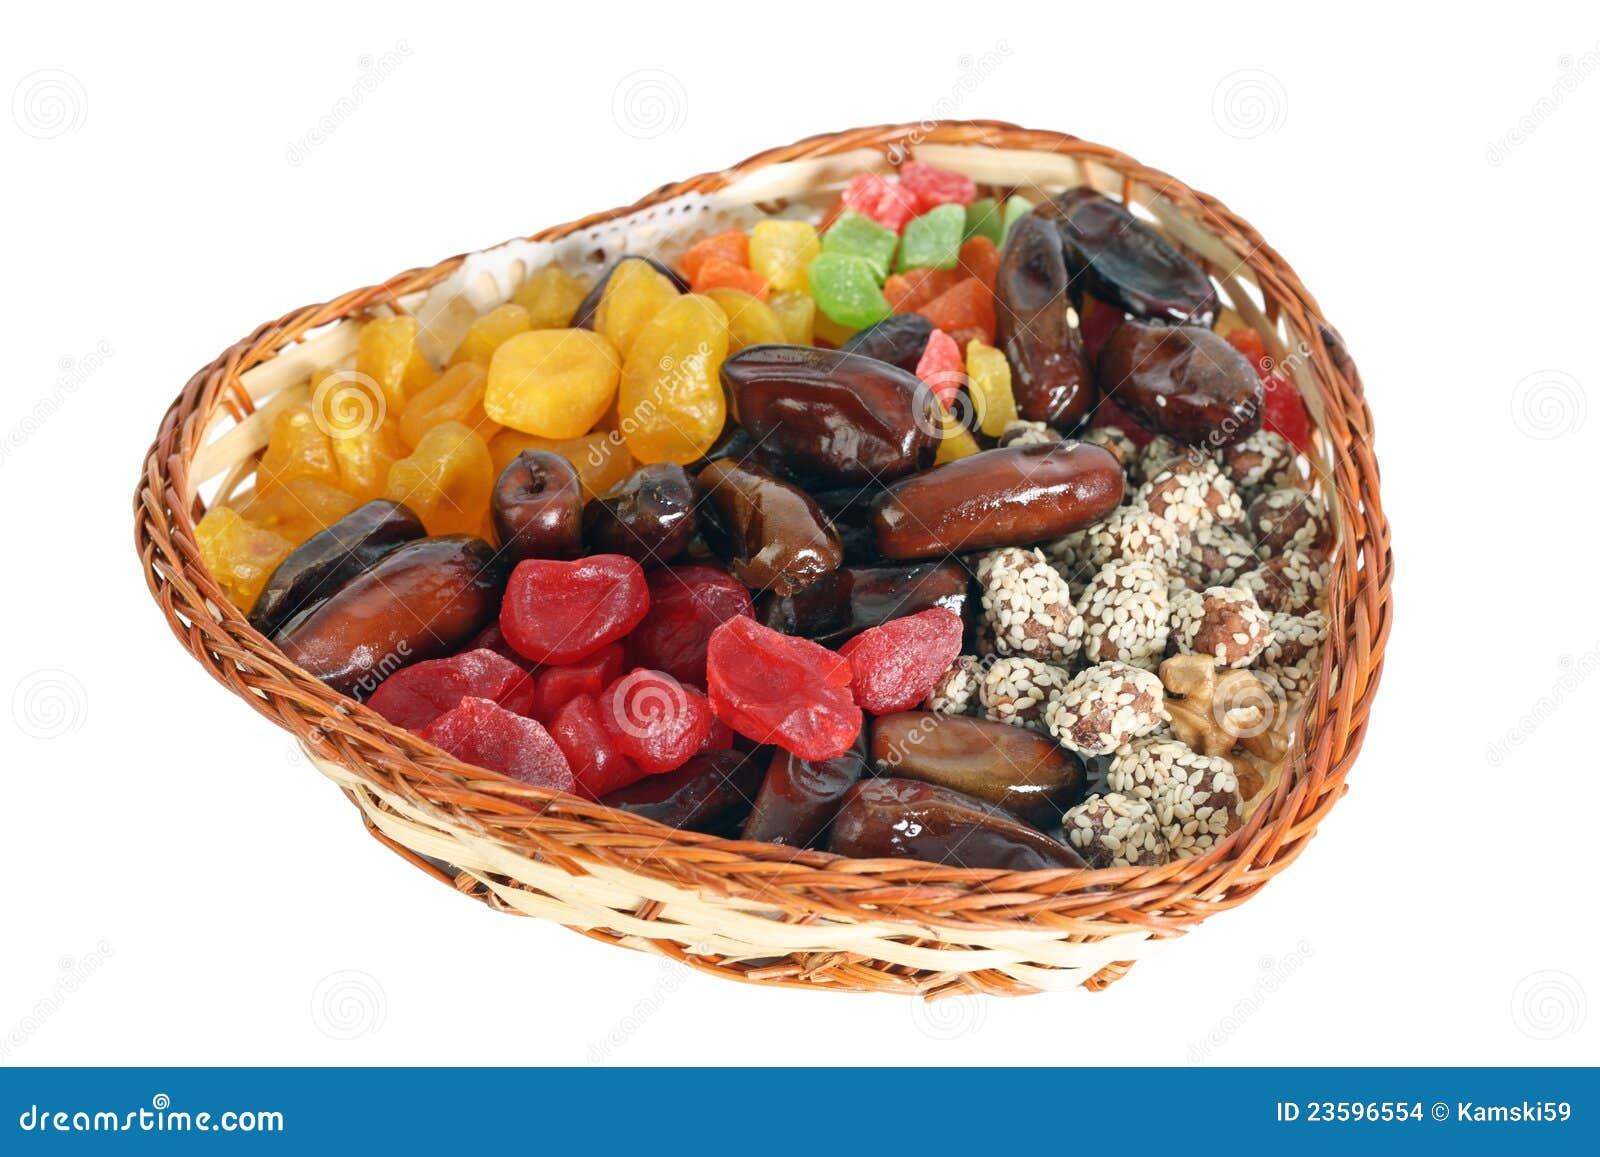 fruits secs dans un panier wattled photo stock image du nourriture blanc 23596554. Black Bedroom Furniture Sets. Home Design Ideas